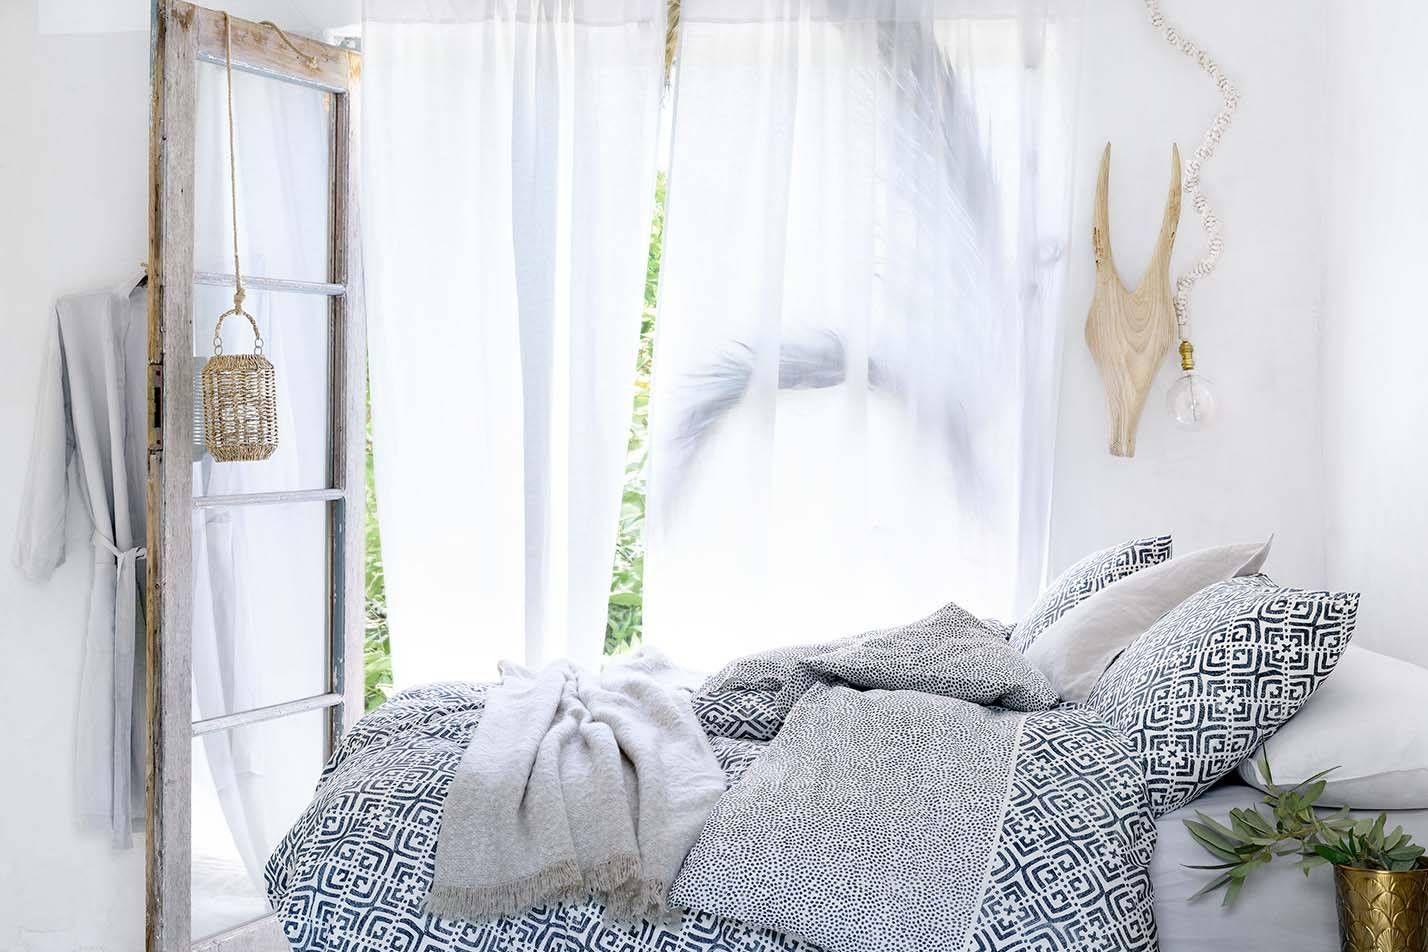 chambre coucher h m palm springs style pinterest chambre lit et linge de lit. Black Bedroom Furniture Sets. Home Design Ideas